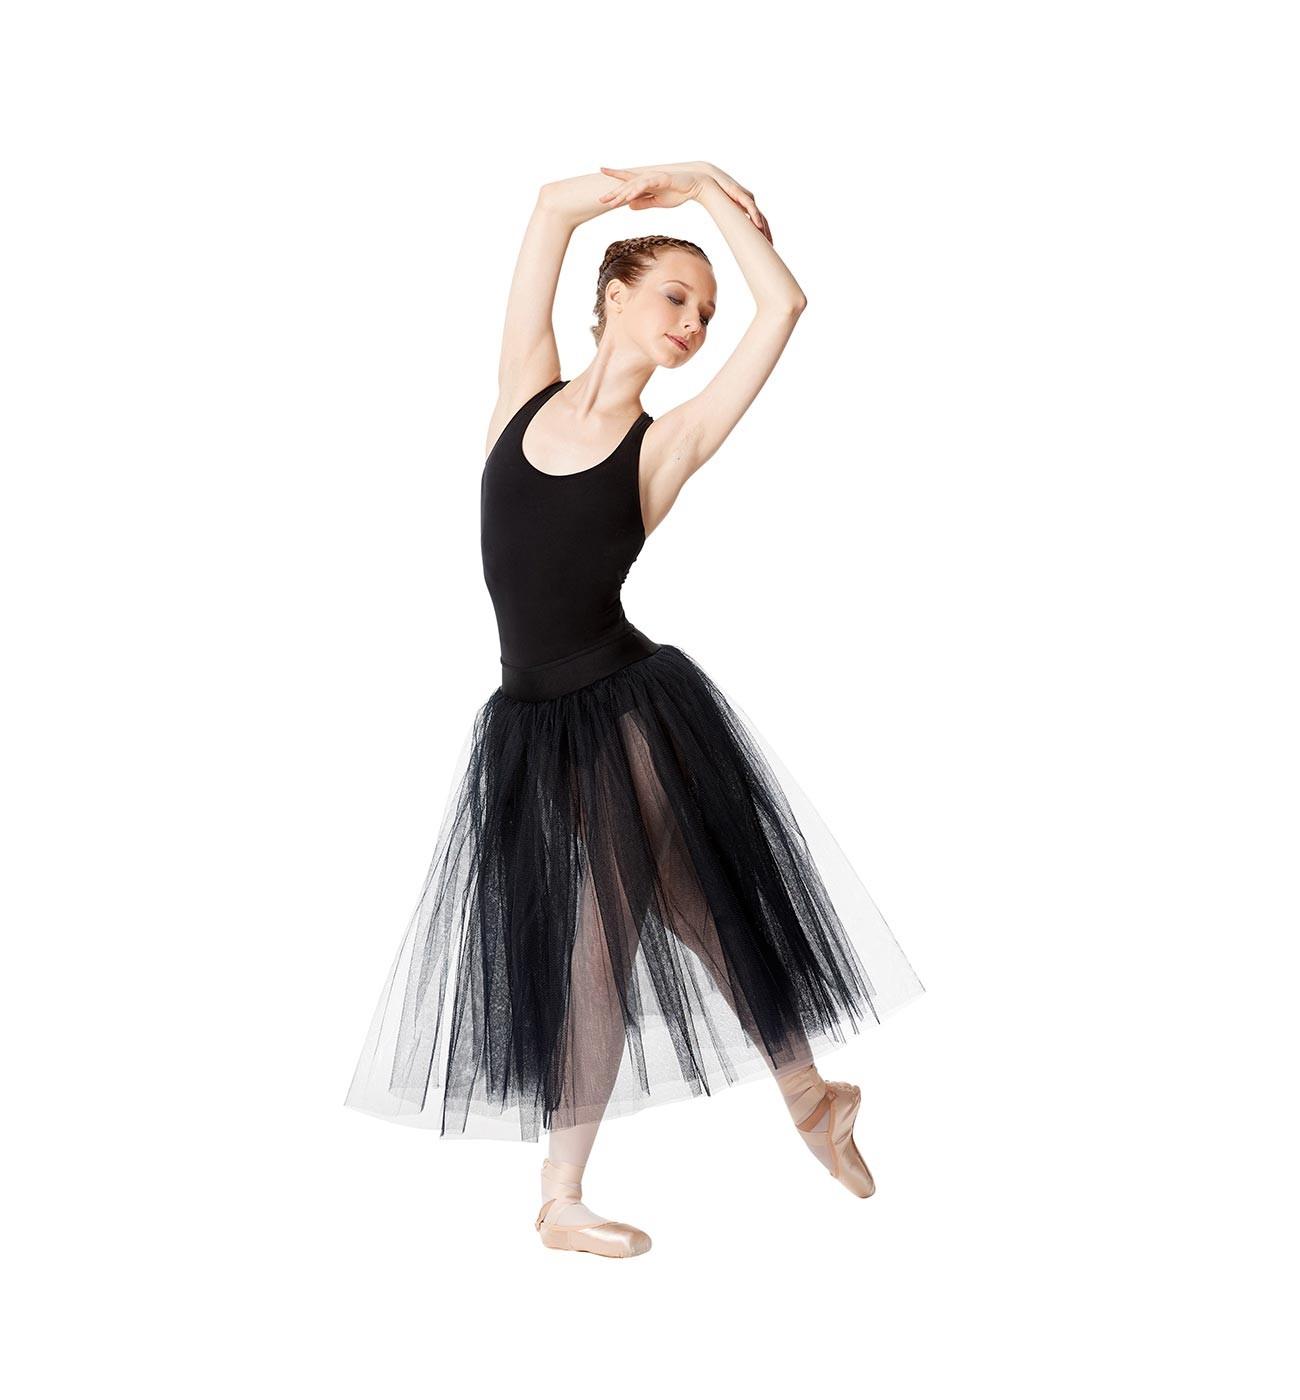 שחור חצאית טול רומנטית Aerin של Lulli שלוש שכבות LUBTURA